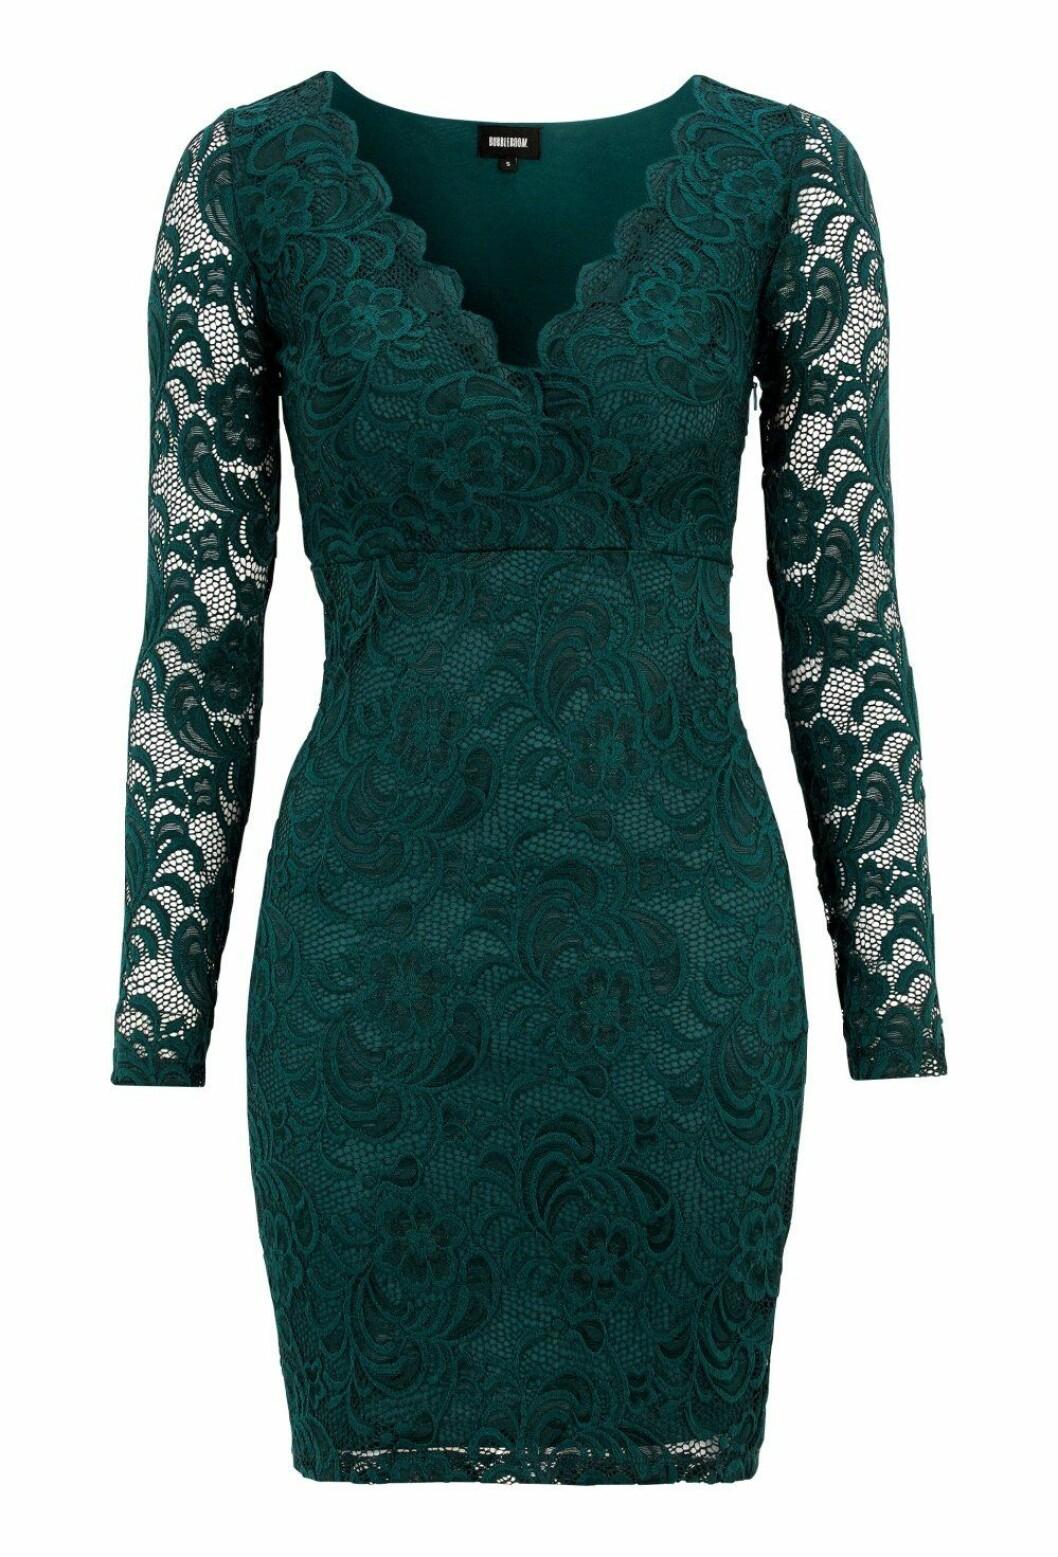 Grön spetsklänning